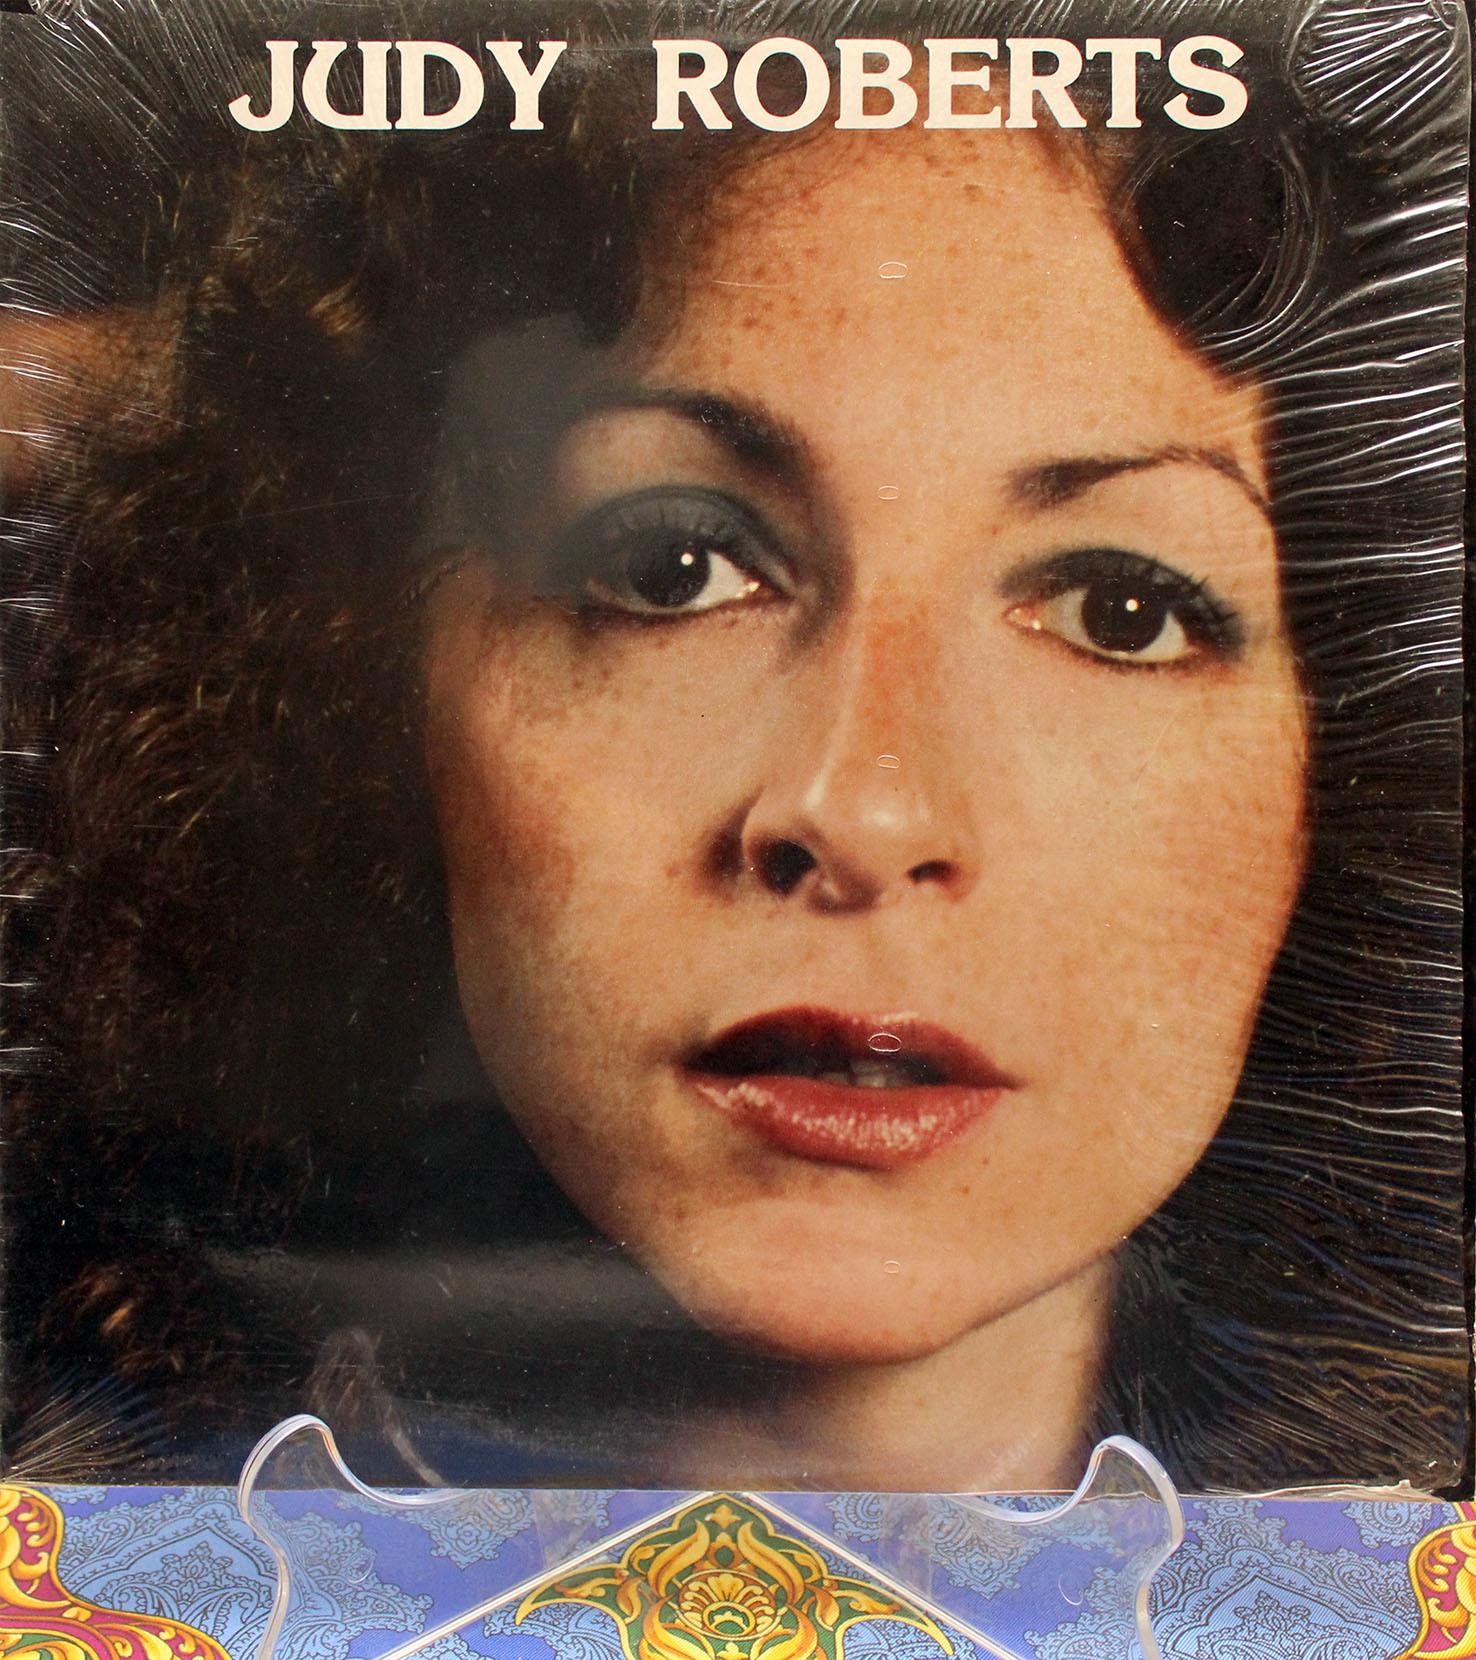 Judy Roberts band 01